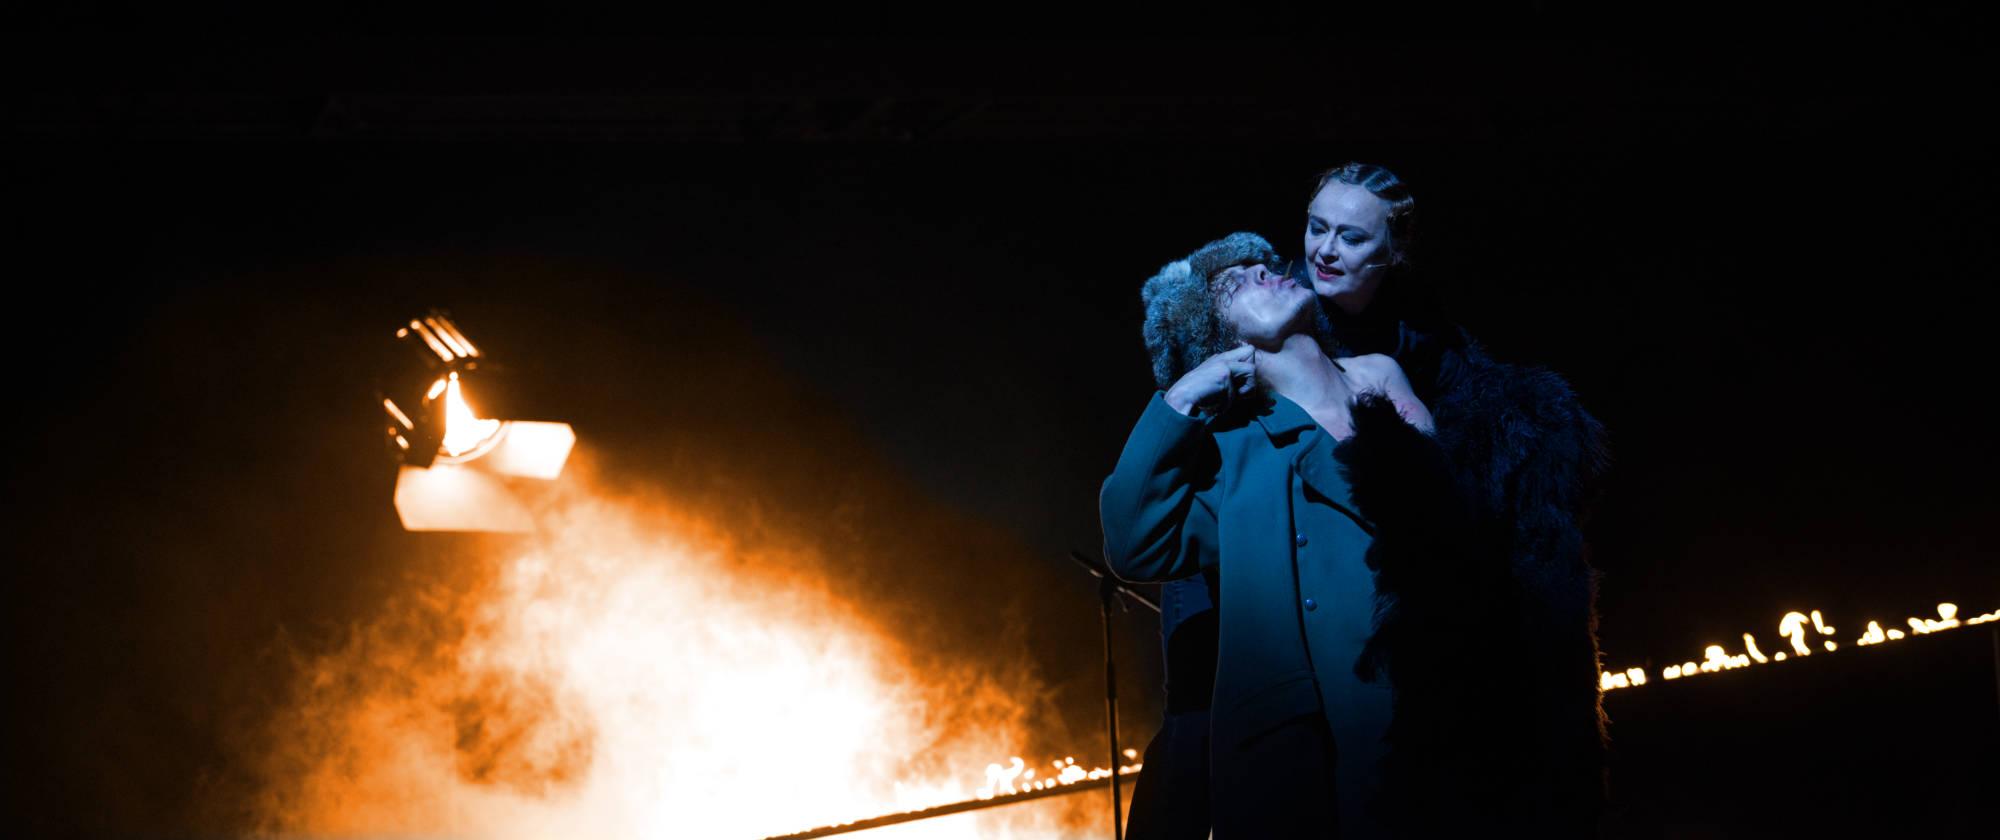 015-BLACK-RIDER-Staatstheater-Cottbus-Regie-und-Buehne-Malte-Kreutzfeldt-2019-photo-c-Marlies-Kross-2019